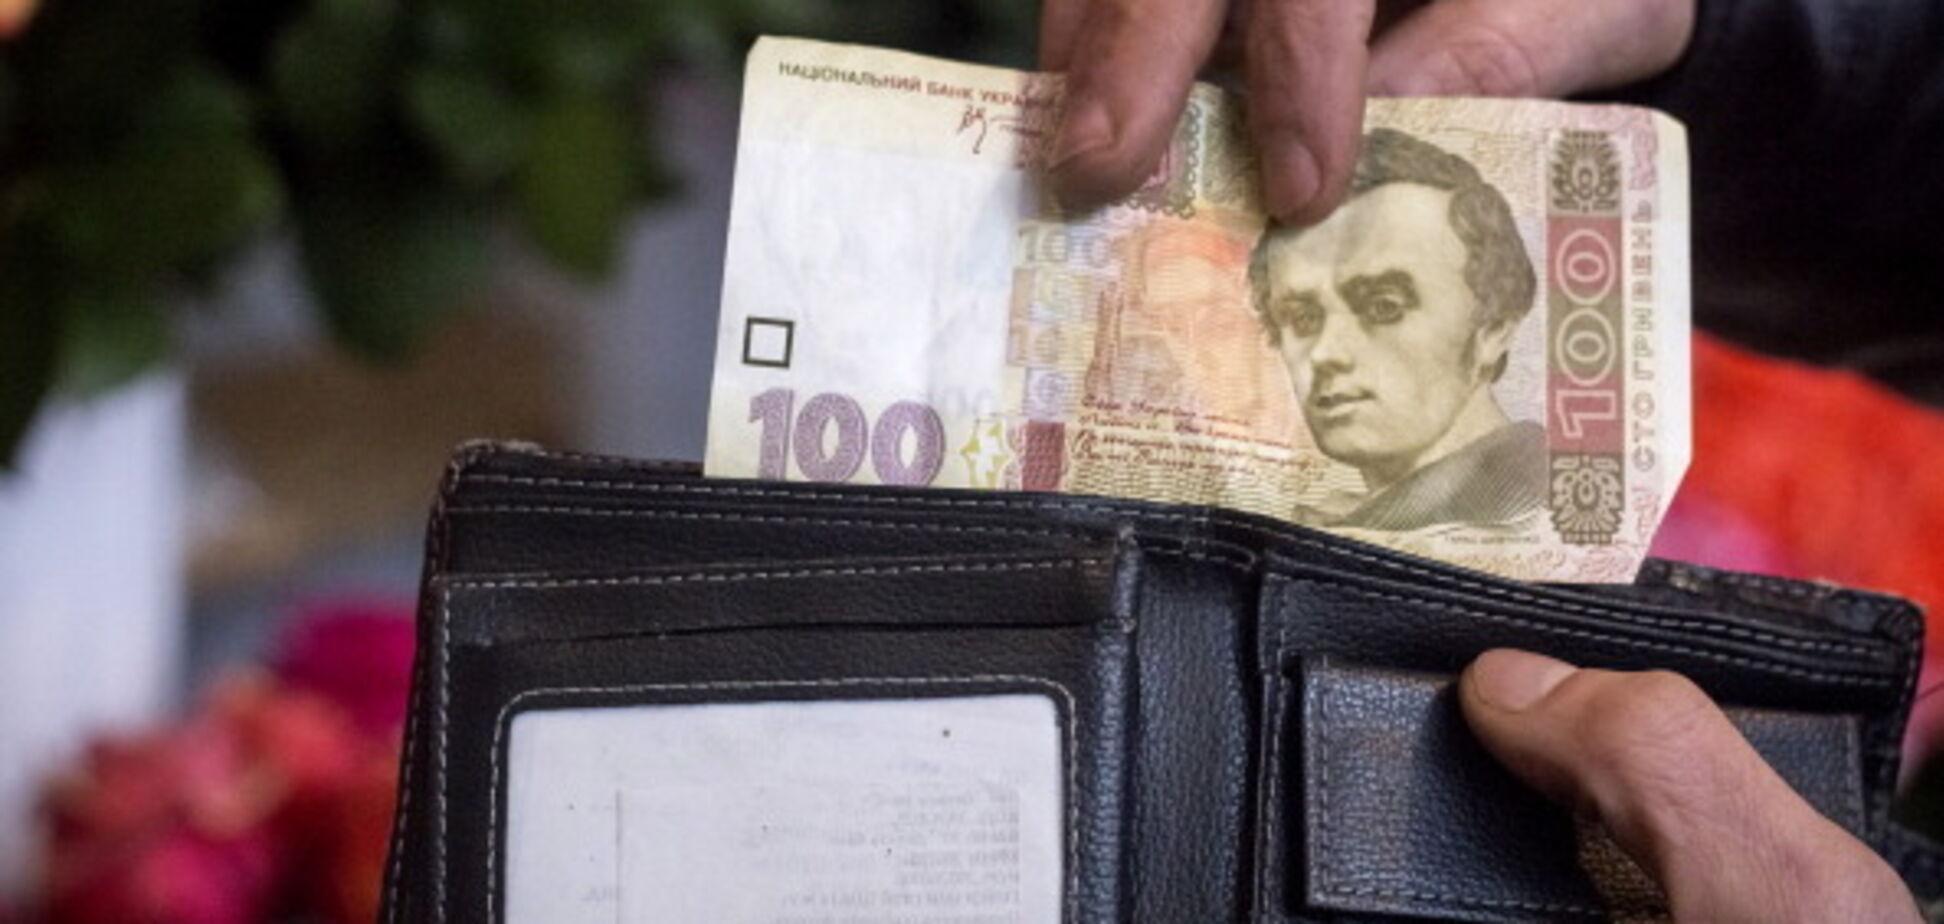 Українцям потрібно терміново оформляти субсидії: названа перевага